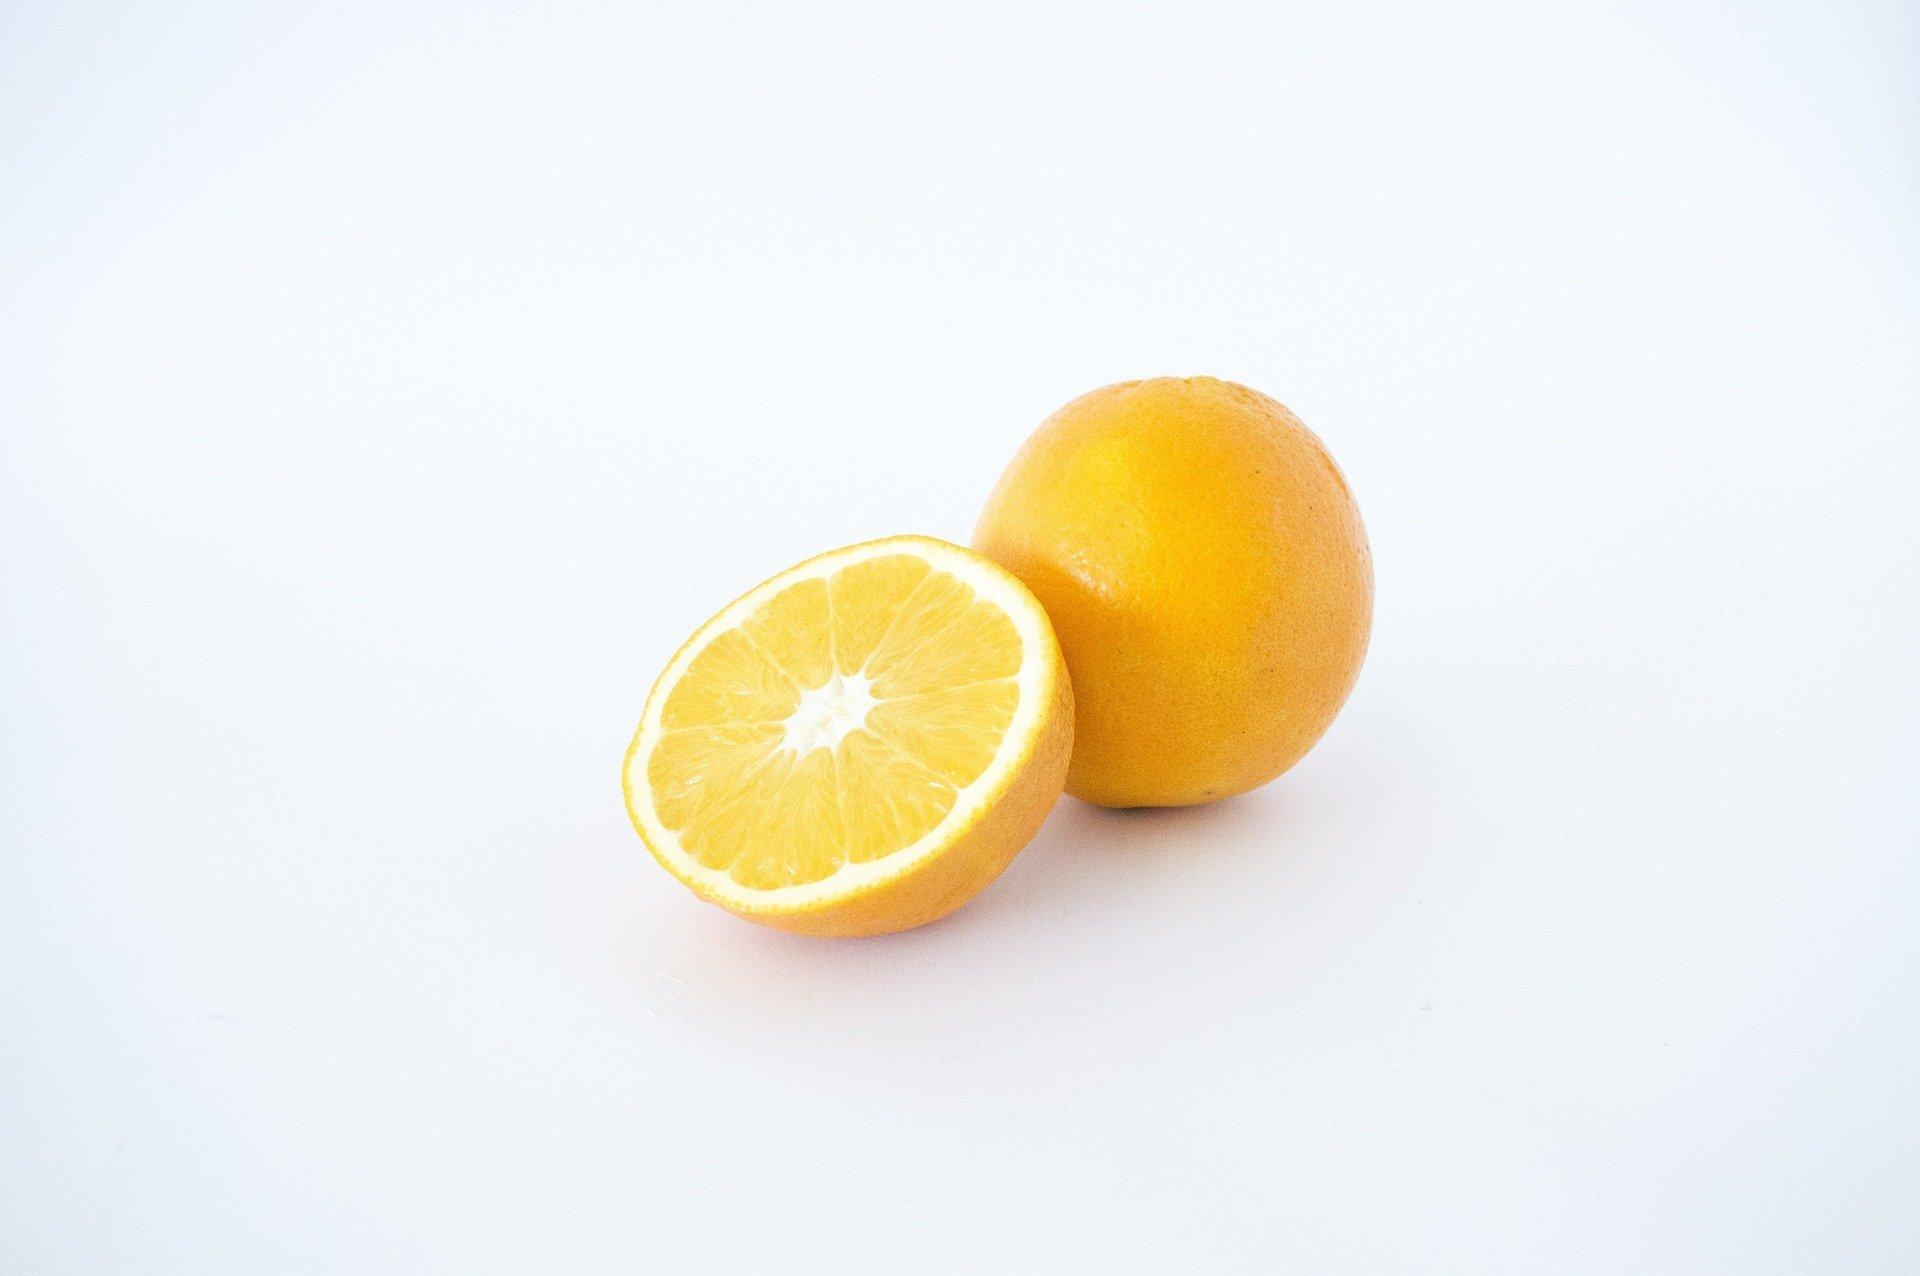 naranjas tardías2 - Naranjas de verano. Las mejores que has probado